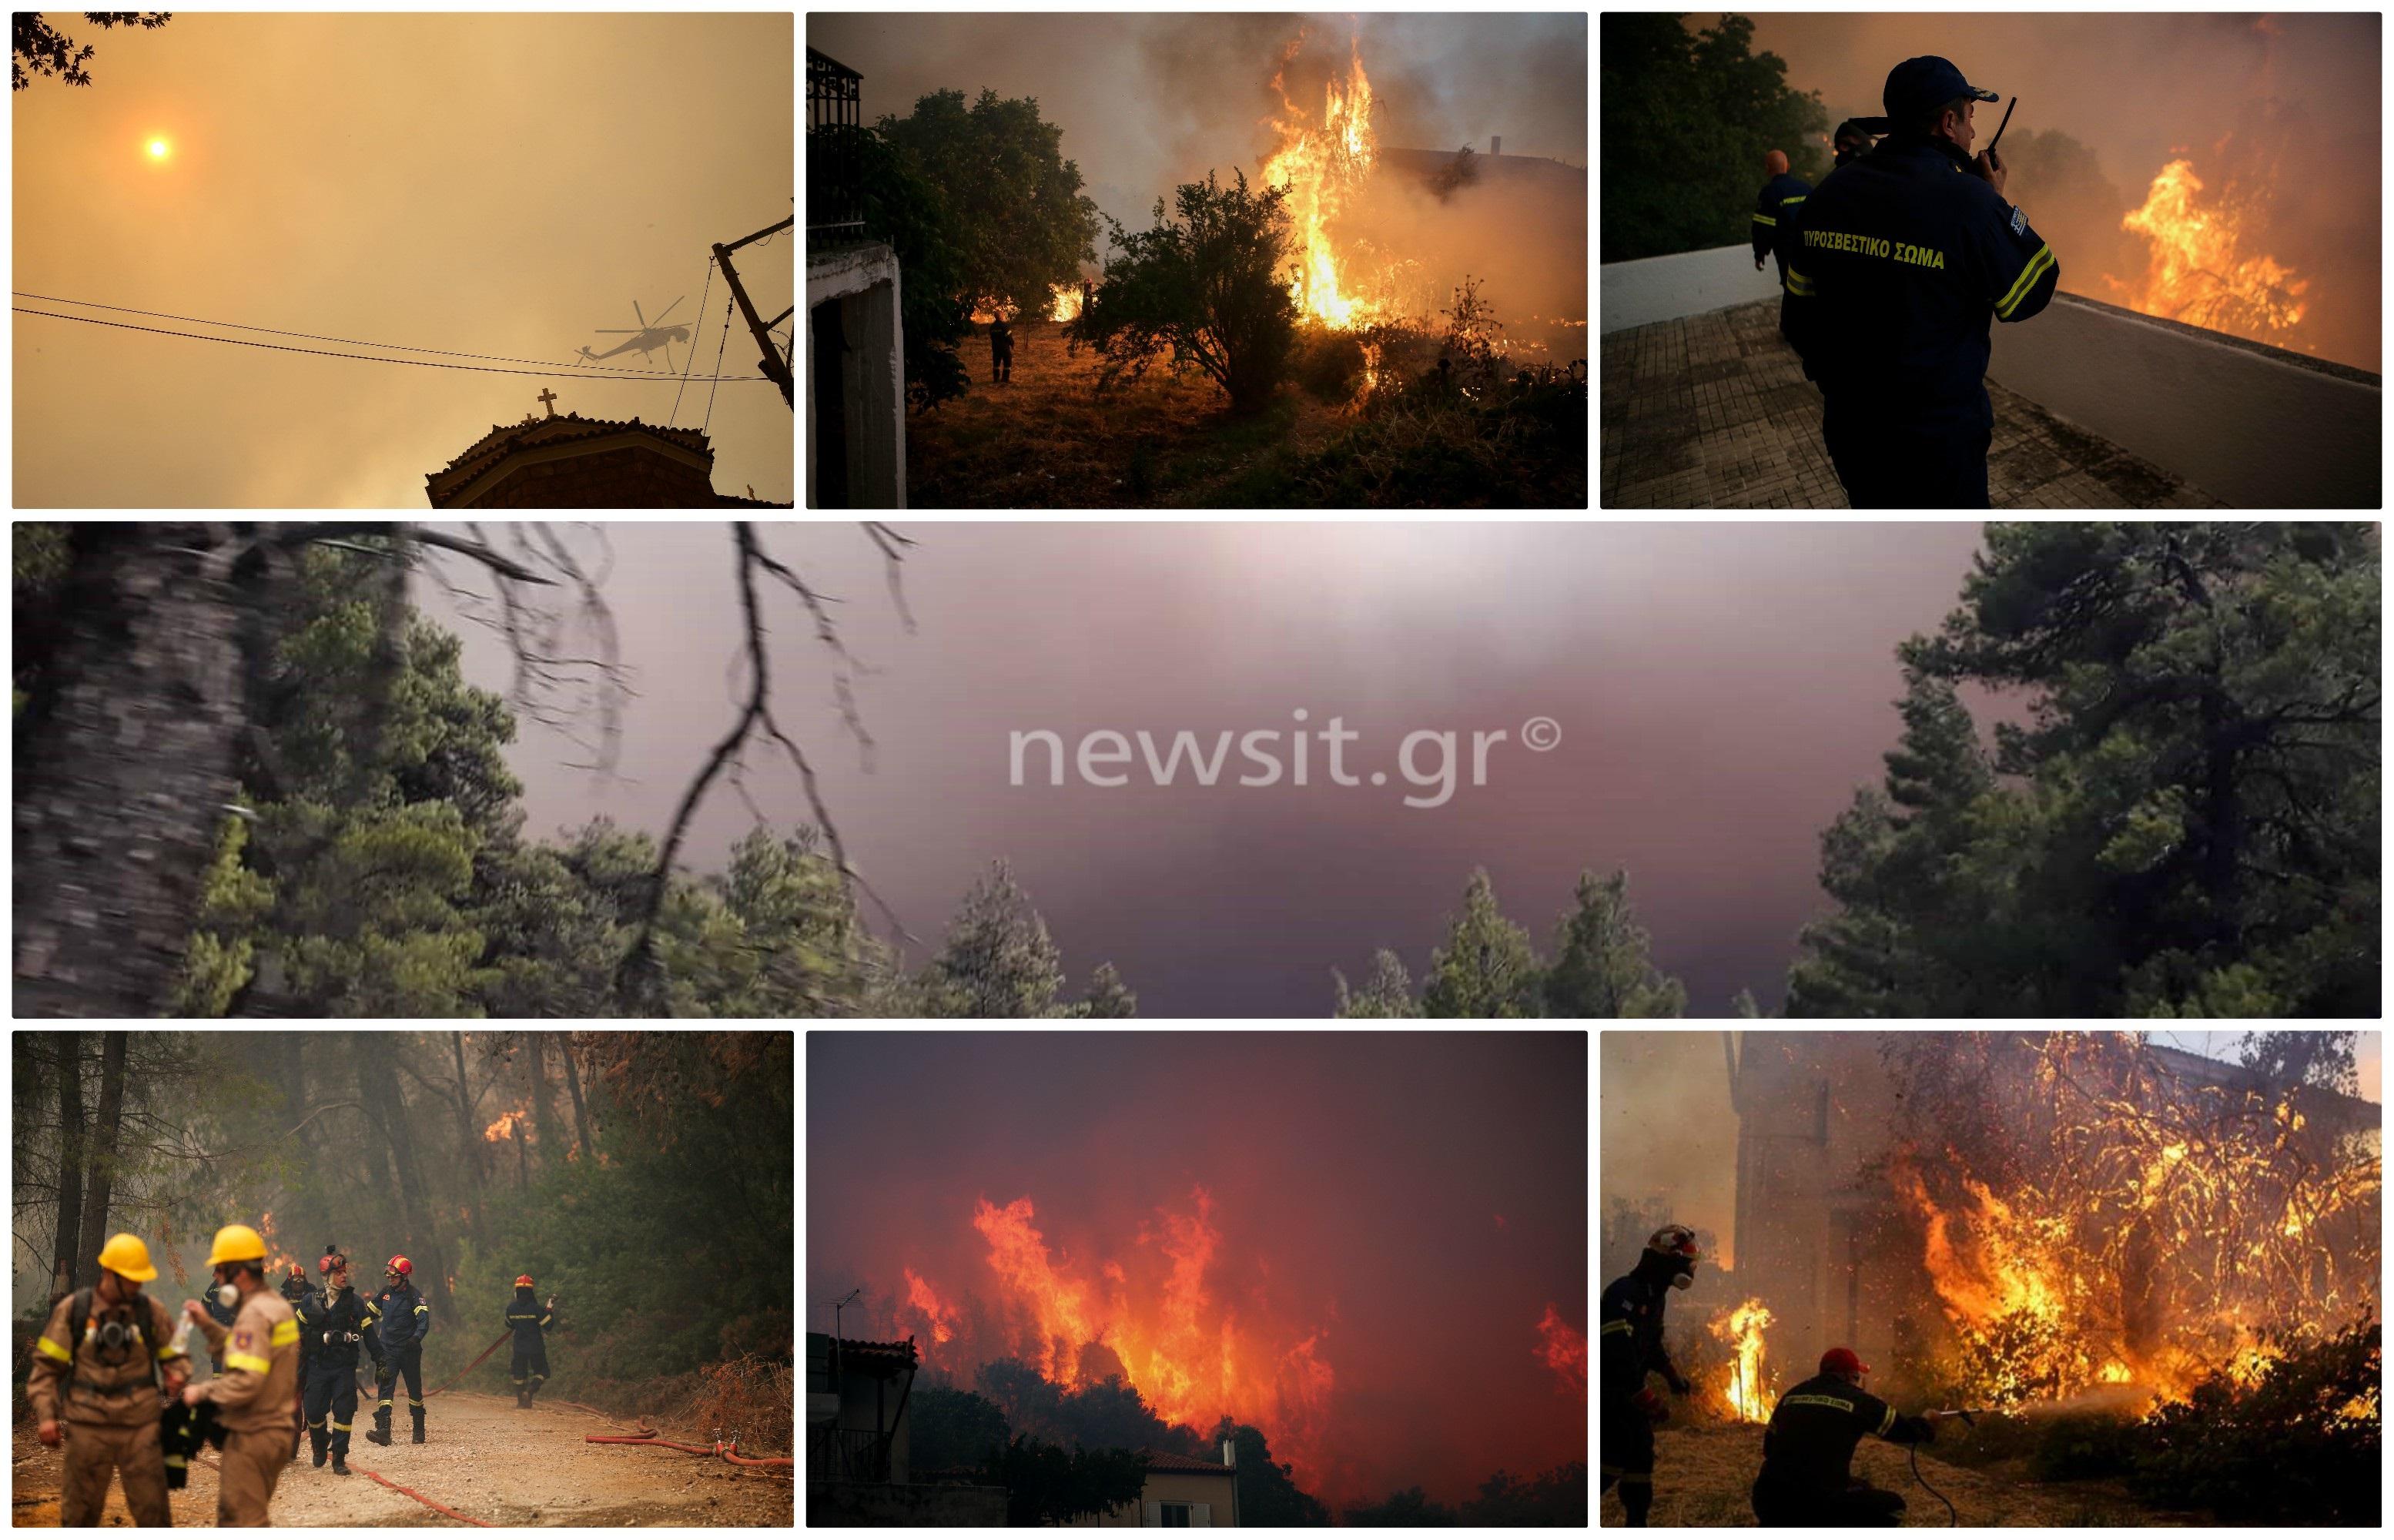 Φωτιά Εύβοια: Σε πύρινο κλοιό το χωριό Μακρυμάλλη